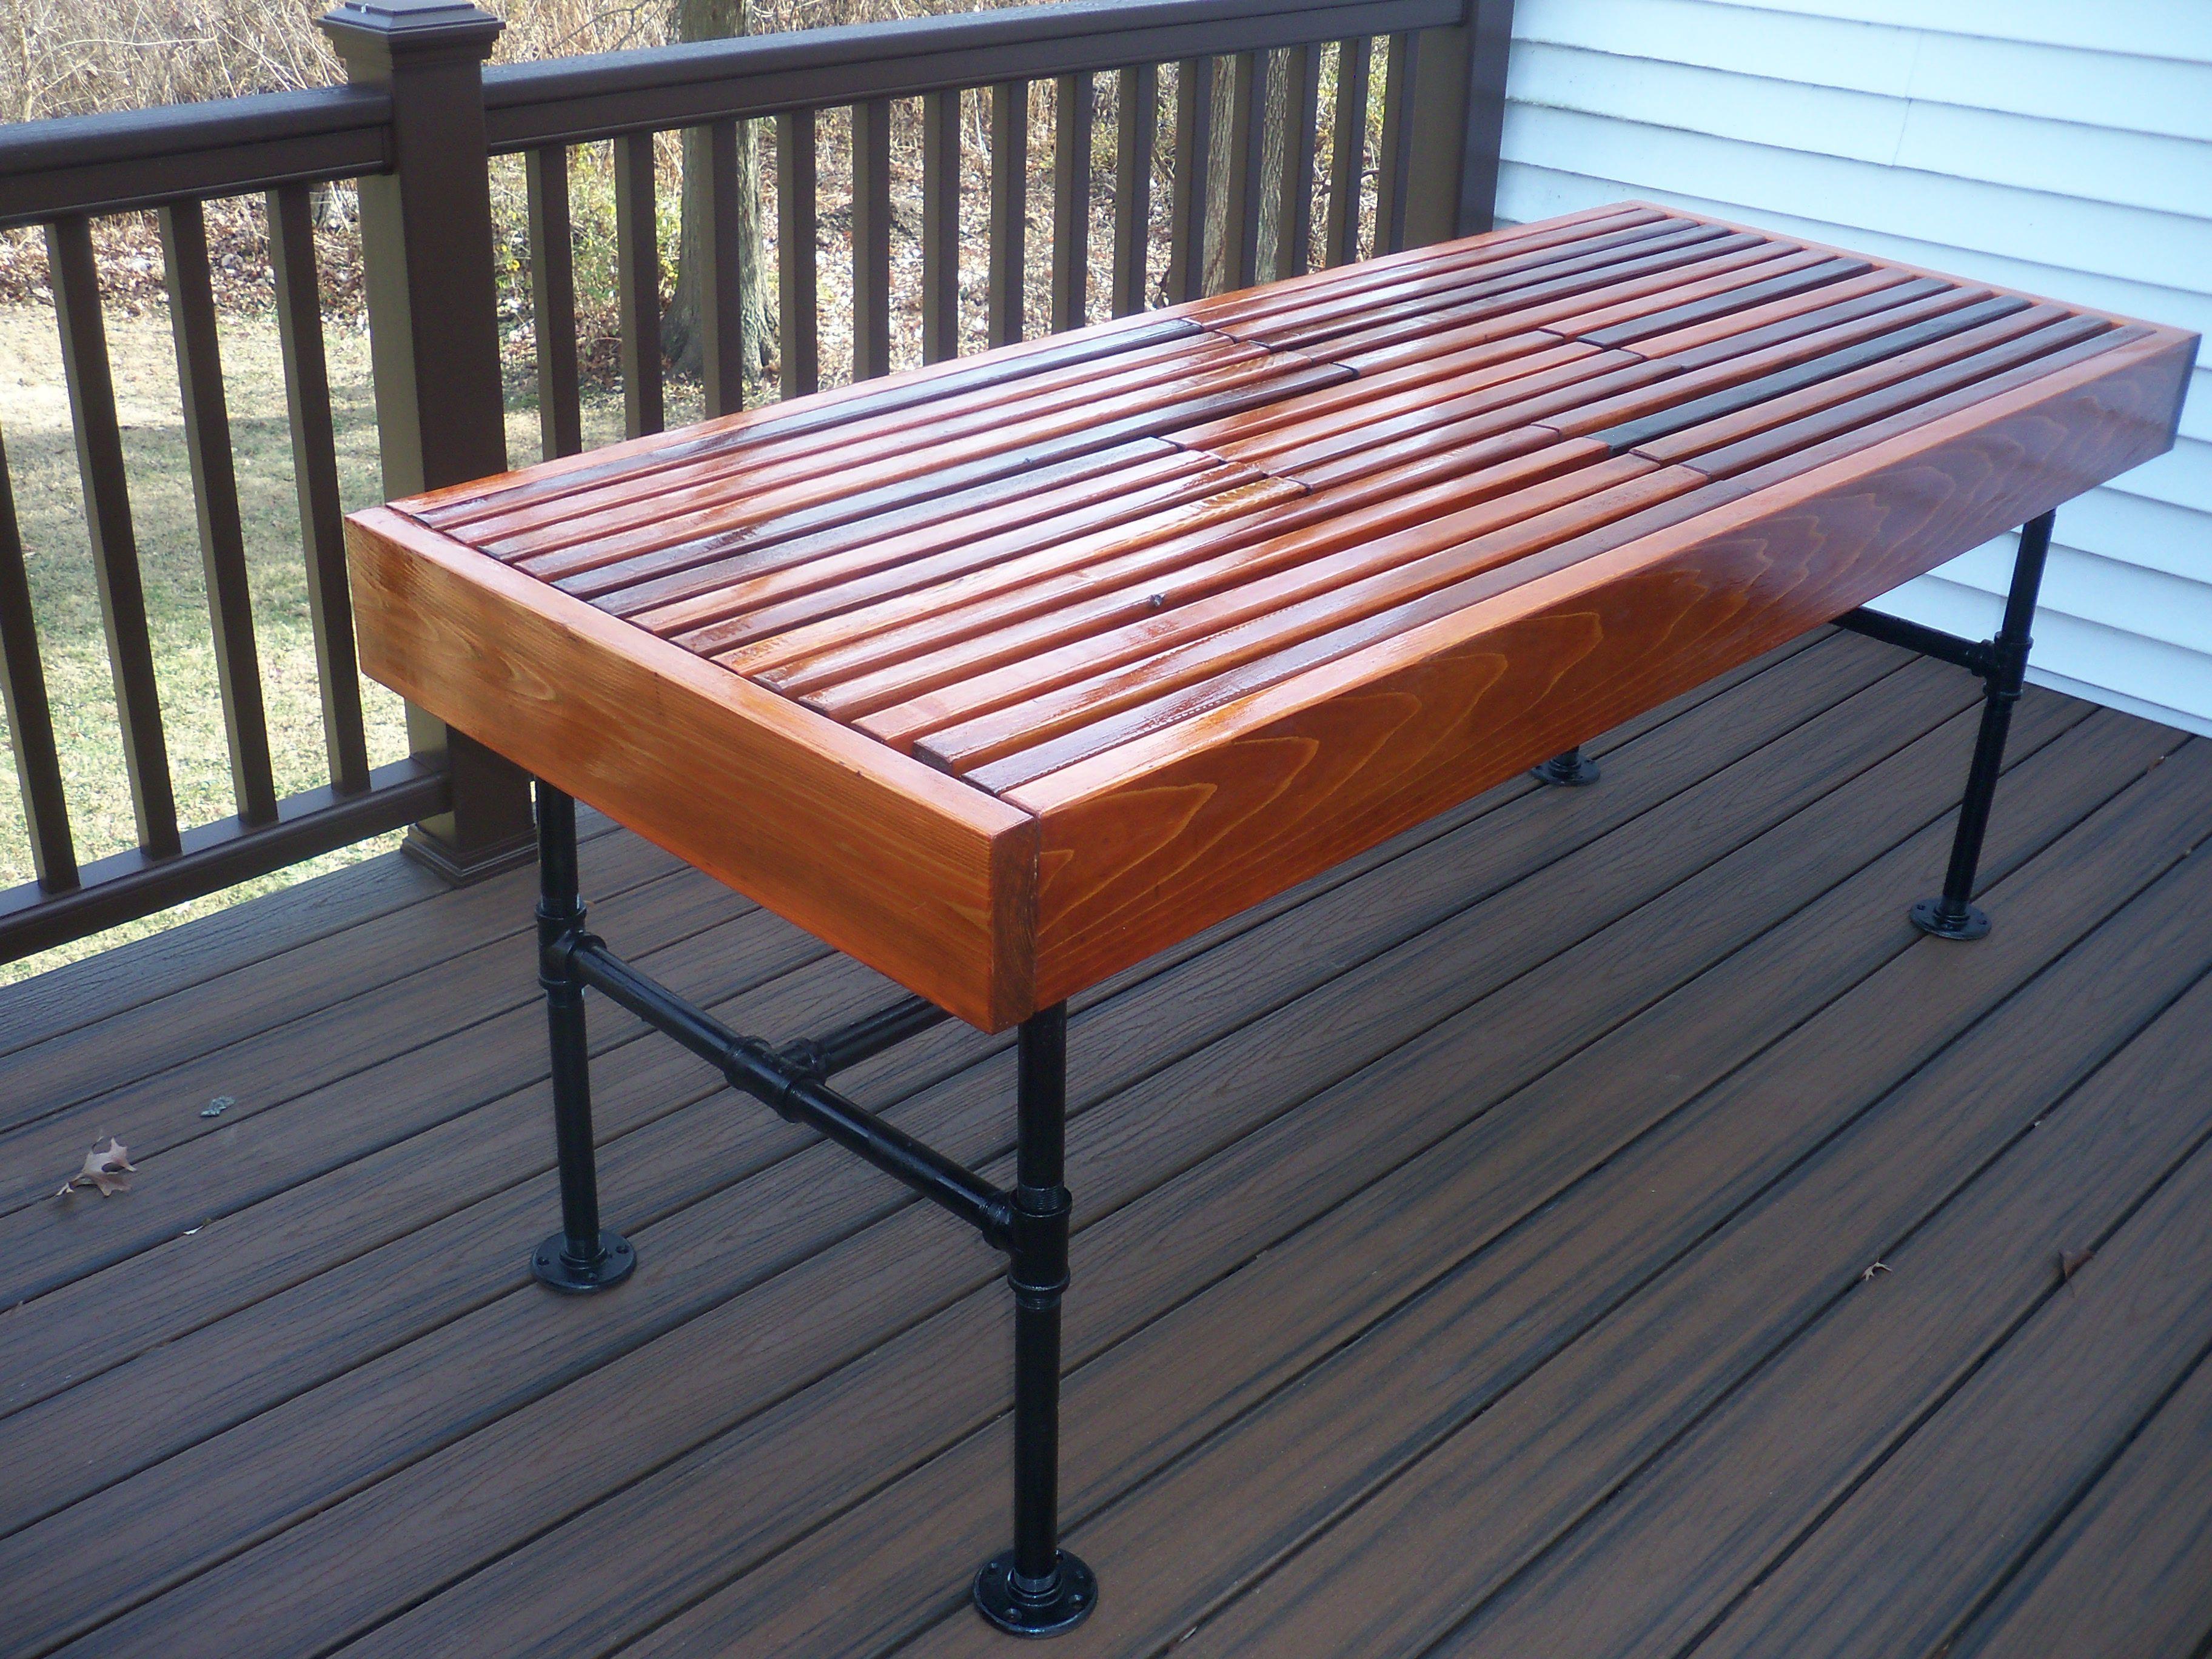 Cedar Outdoor Table With Built-in Wine & Beer Cooler